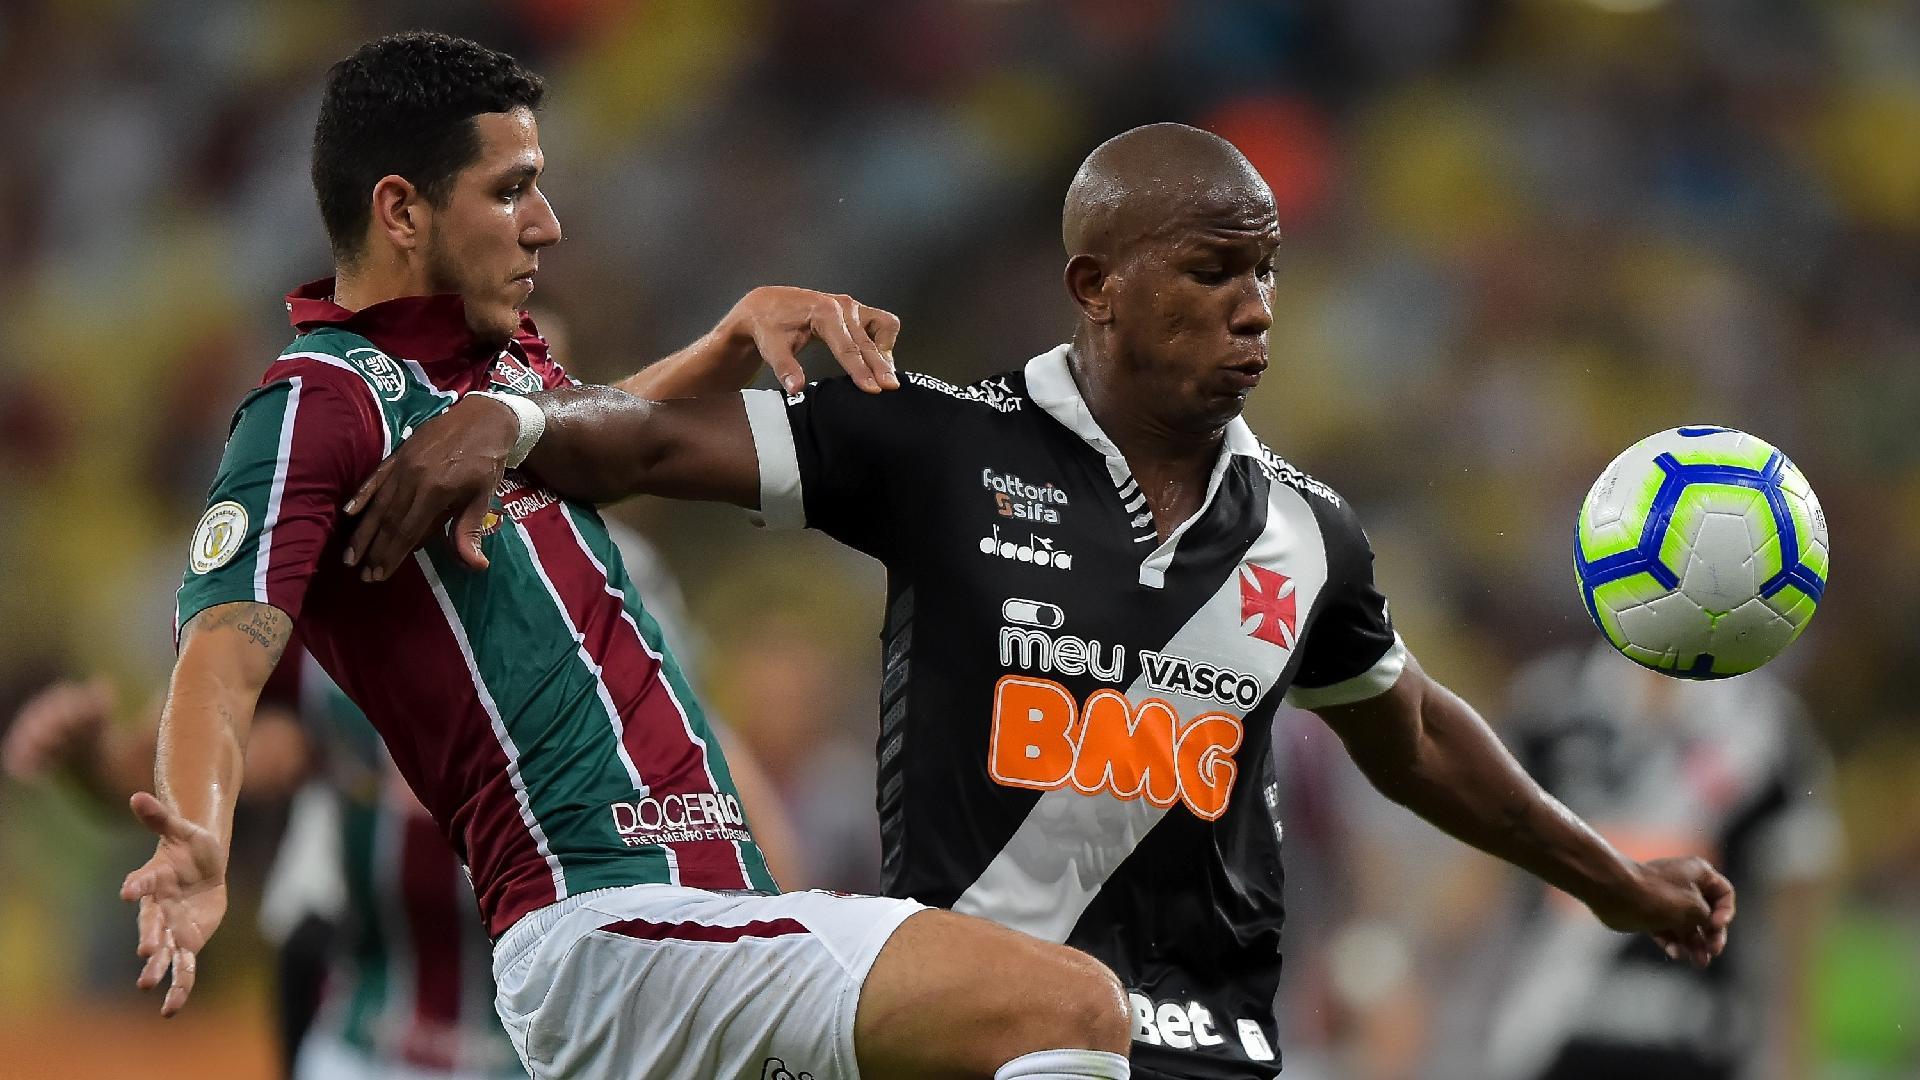 Jogadores de Fluminense e Vasco disputam a bola no Maracanã